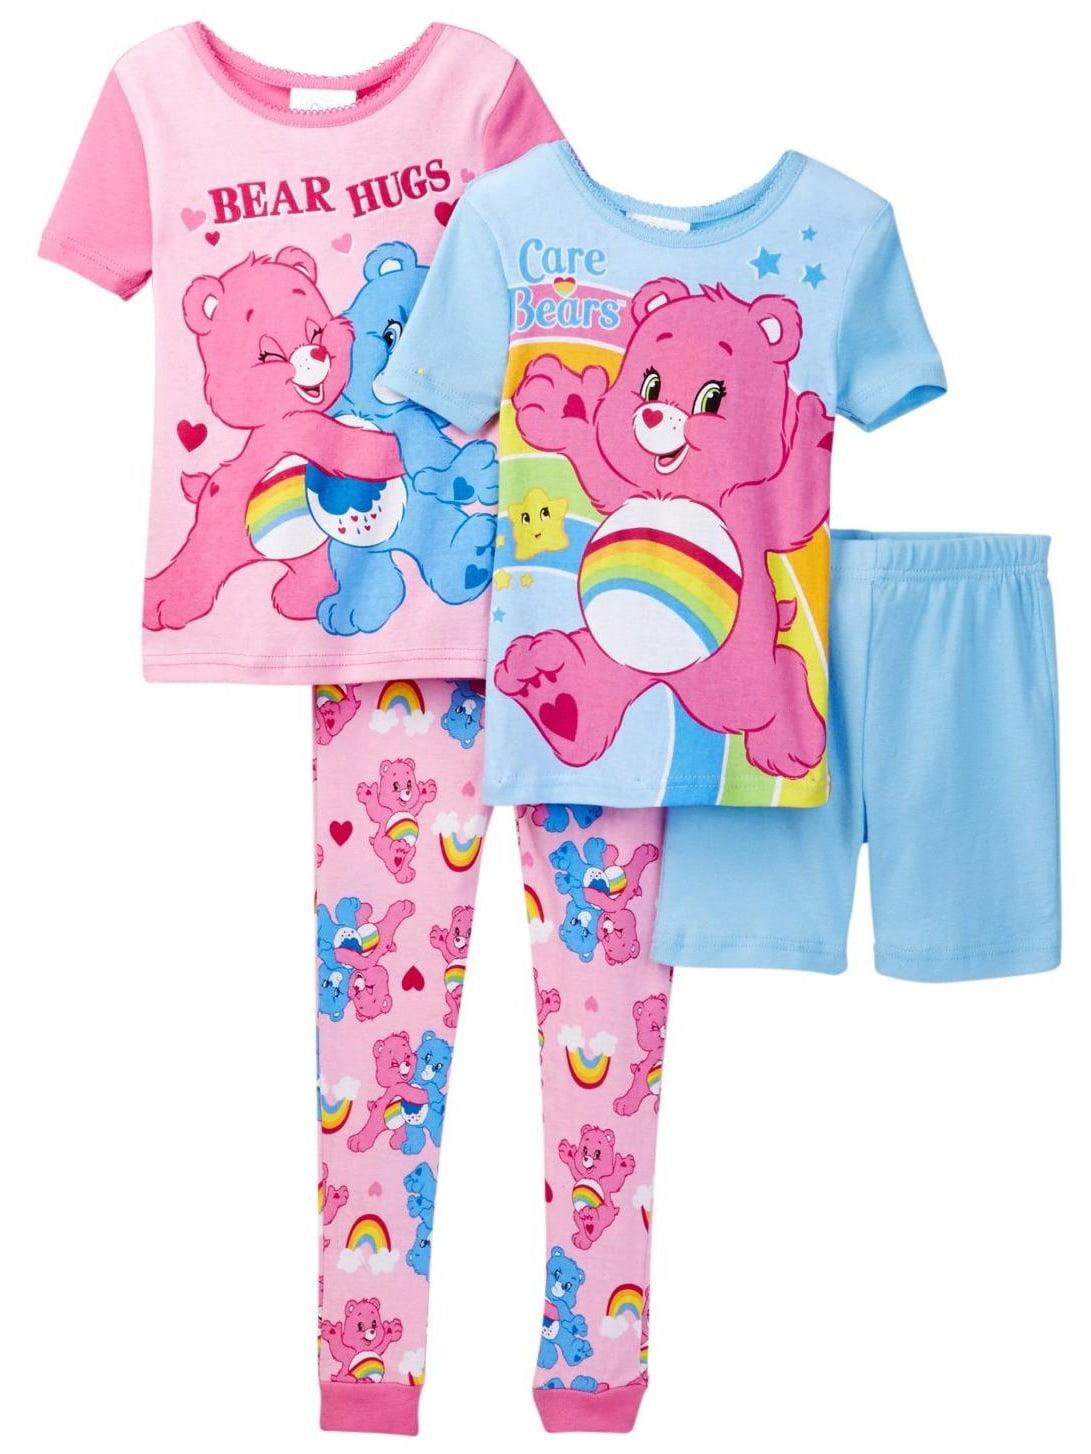 Toddler Girls' 4pc Cotton Set